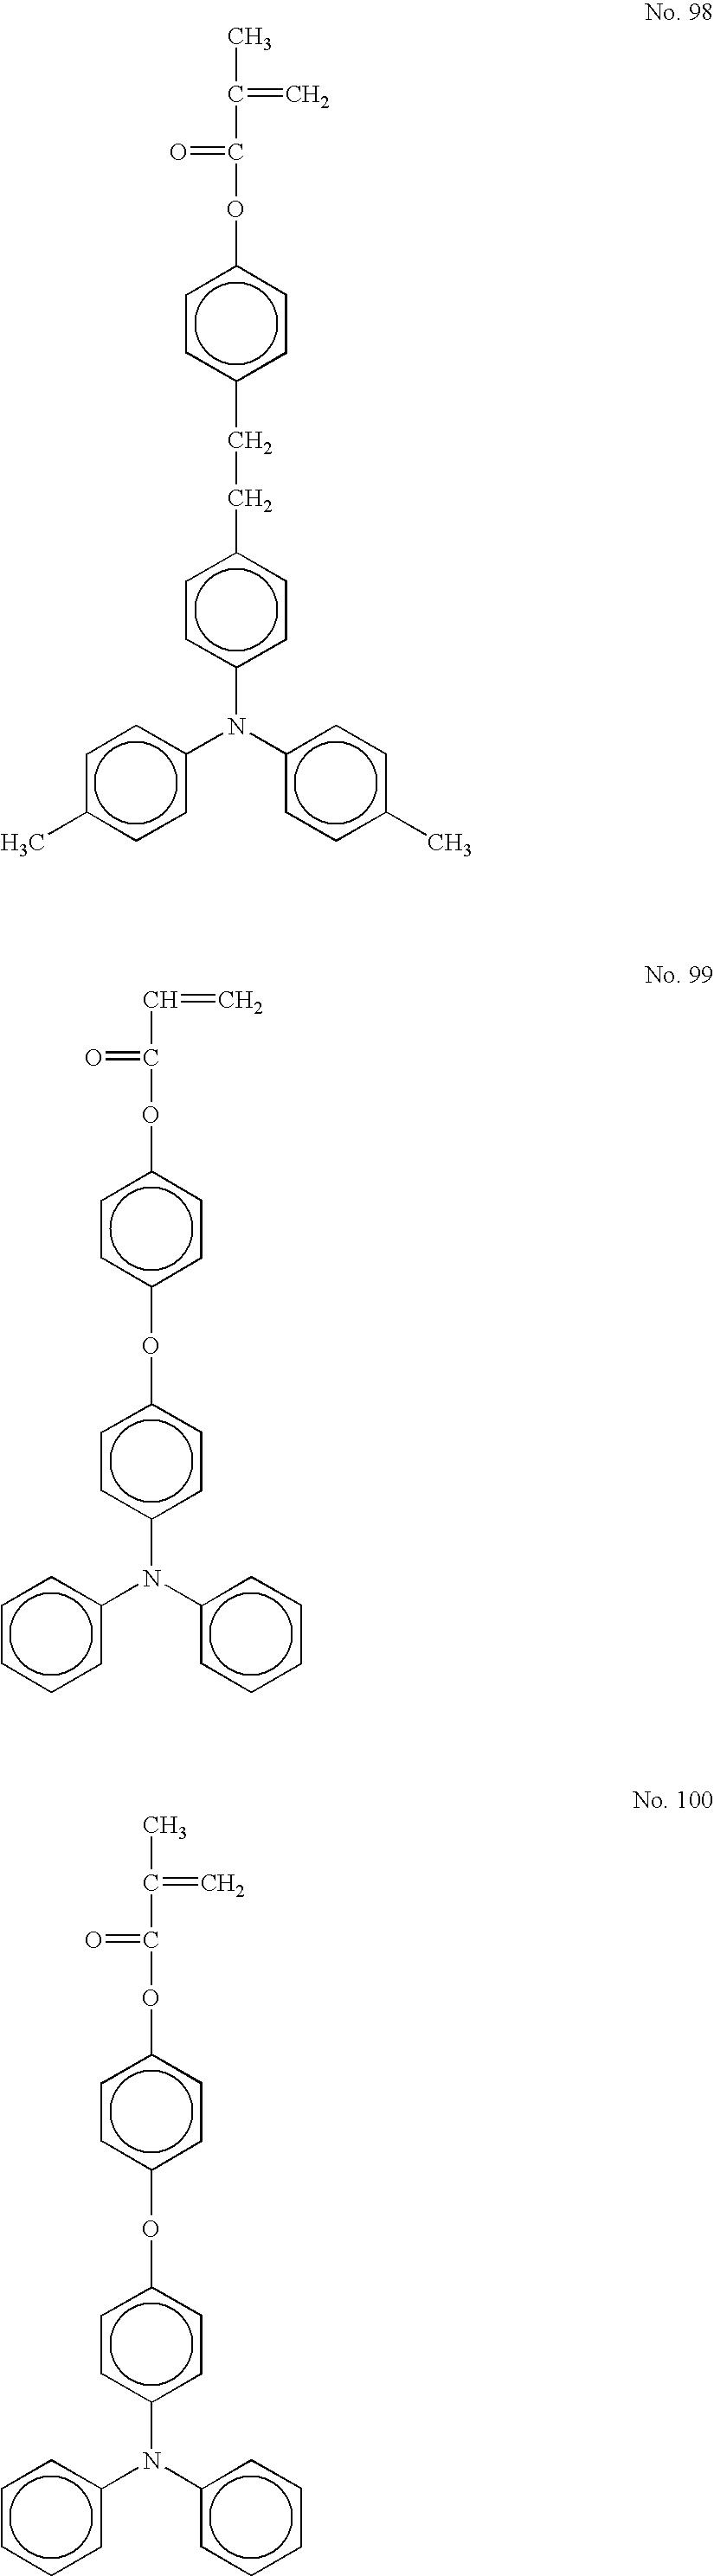 Figure US20040253527A1-20041216-C00045